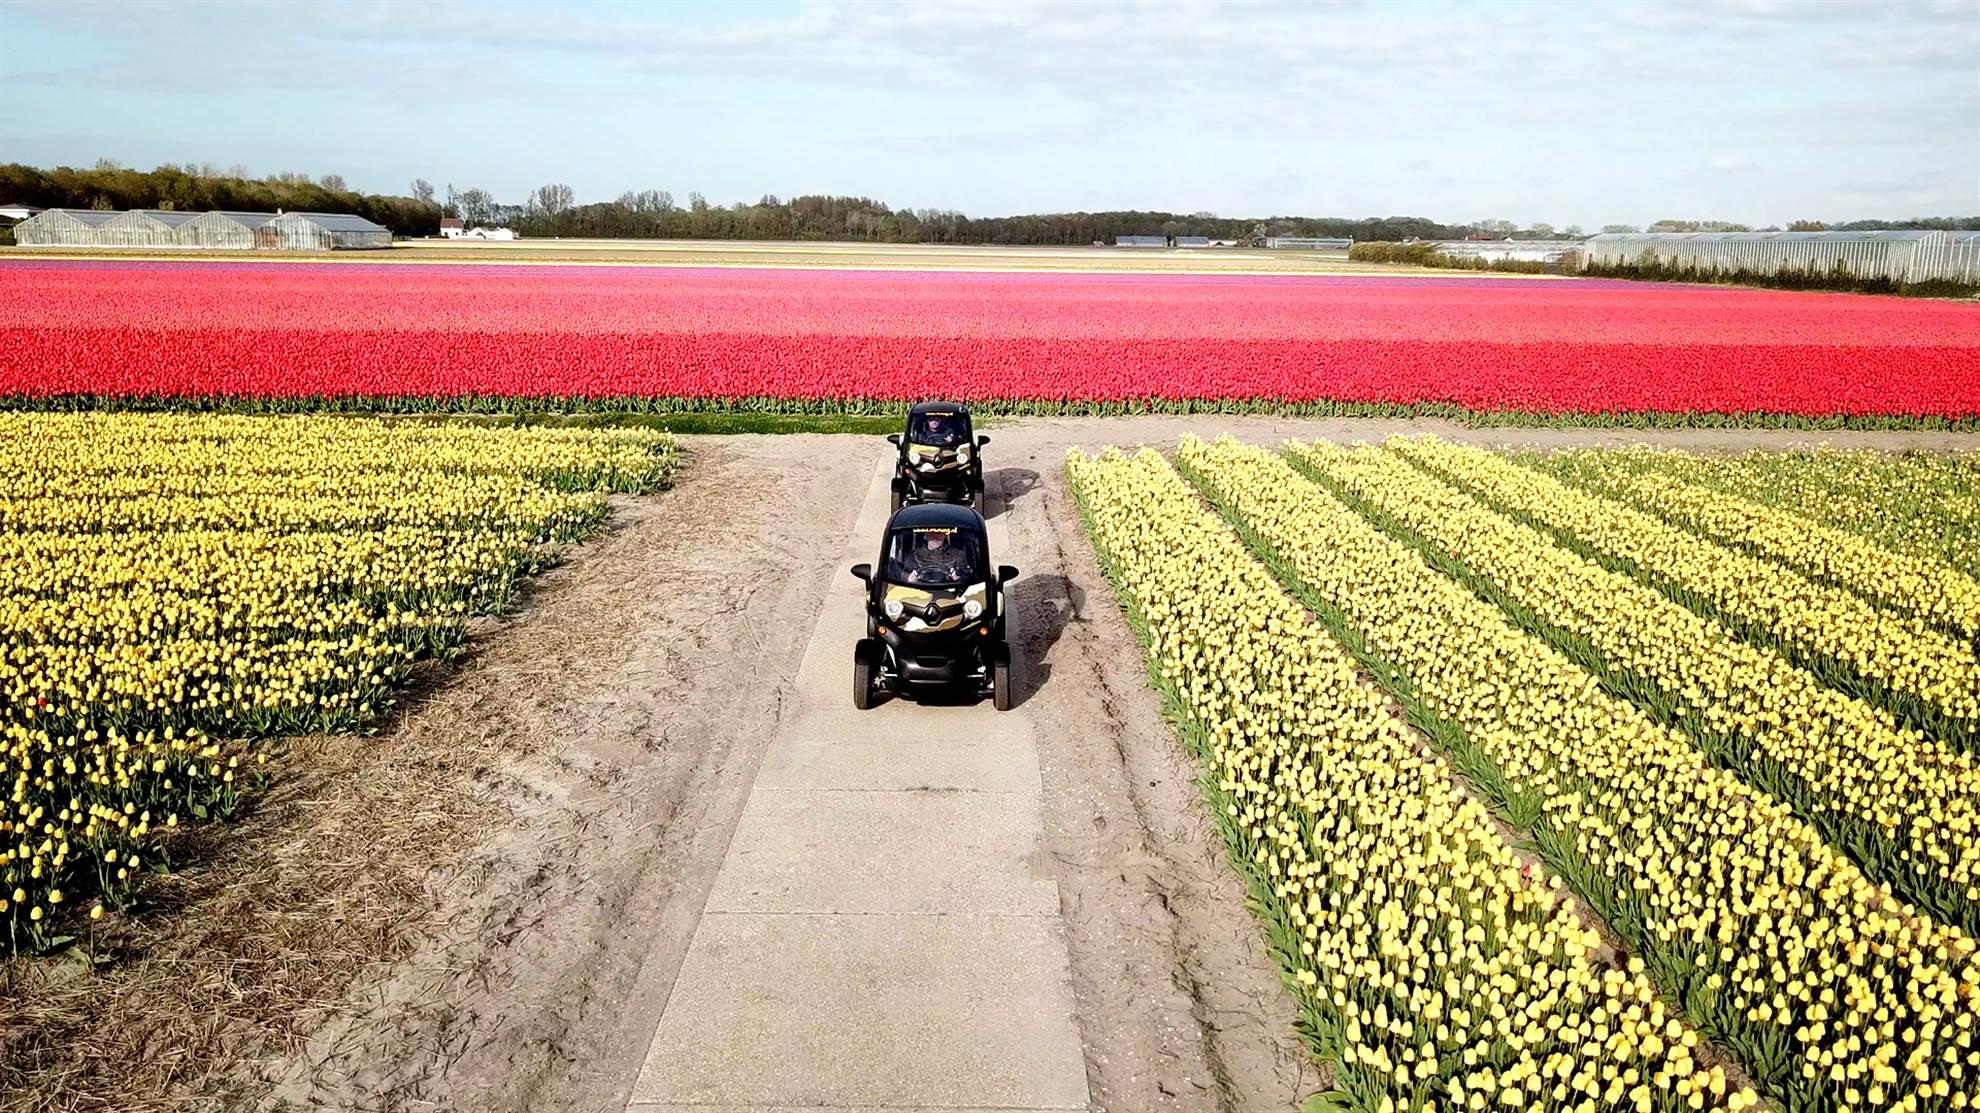 Tulpen Tour rondom Keukenhof met elektrisch voertuig